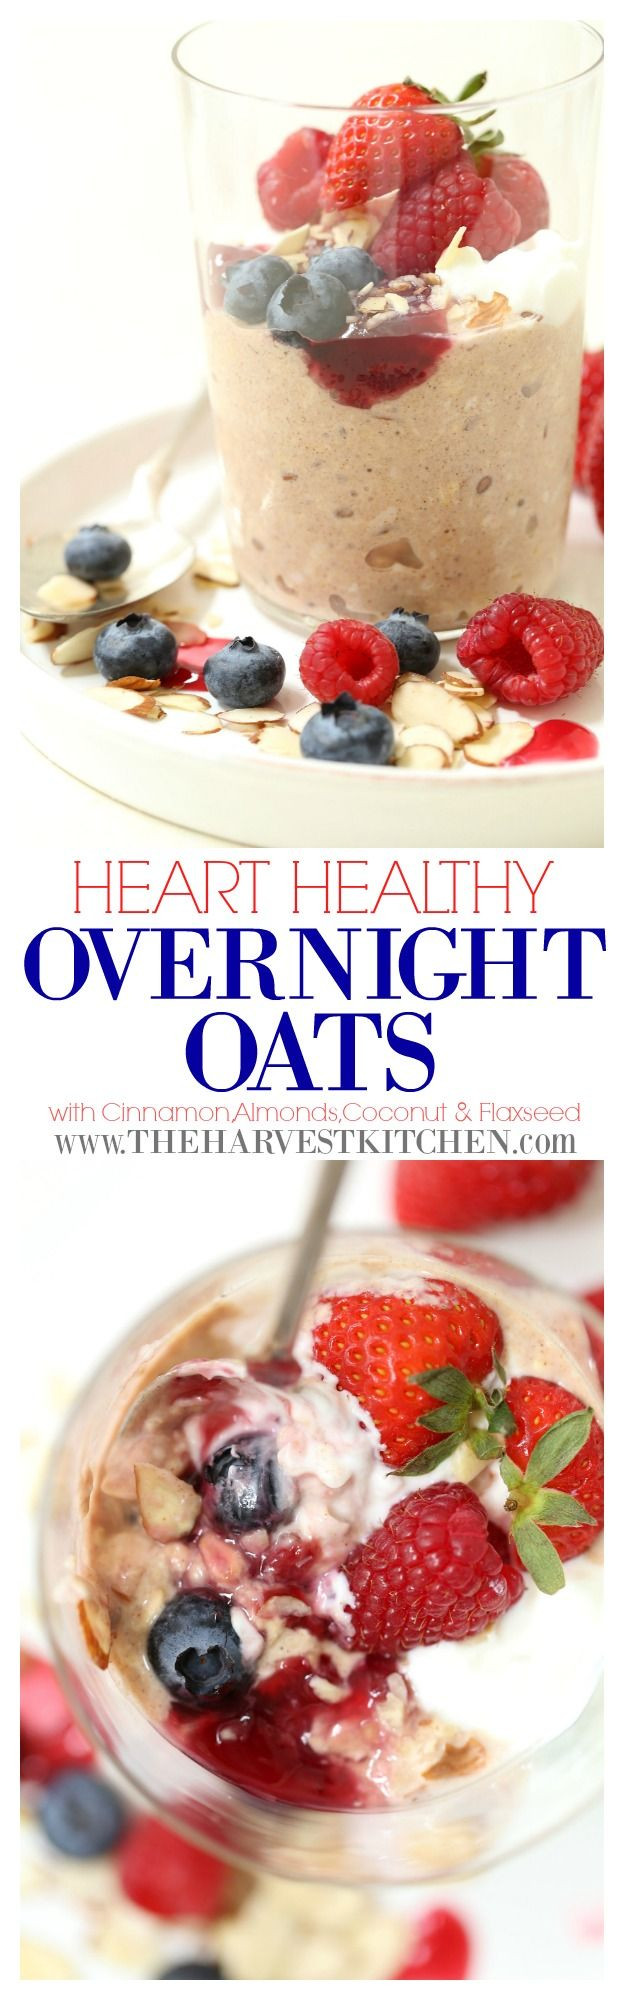 Heart Healthy Oatmeal Recipes  Best 25 Breakfast menu ideas on Pinterest